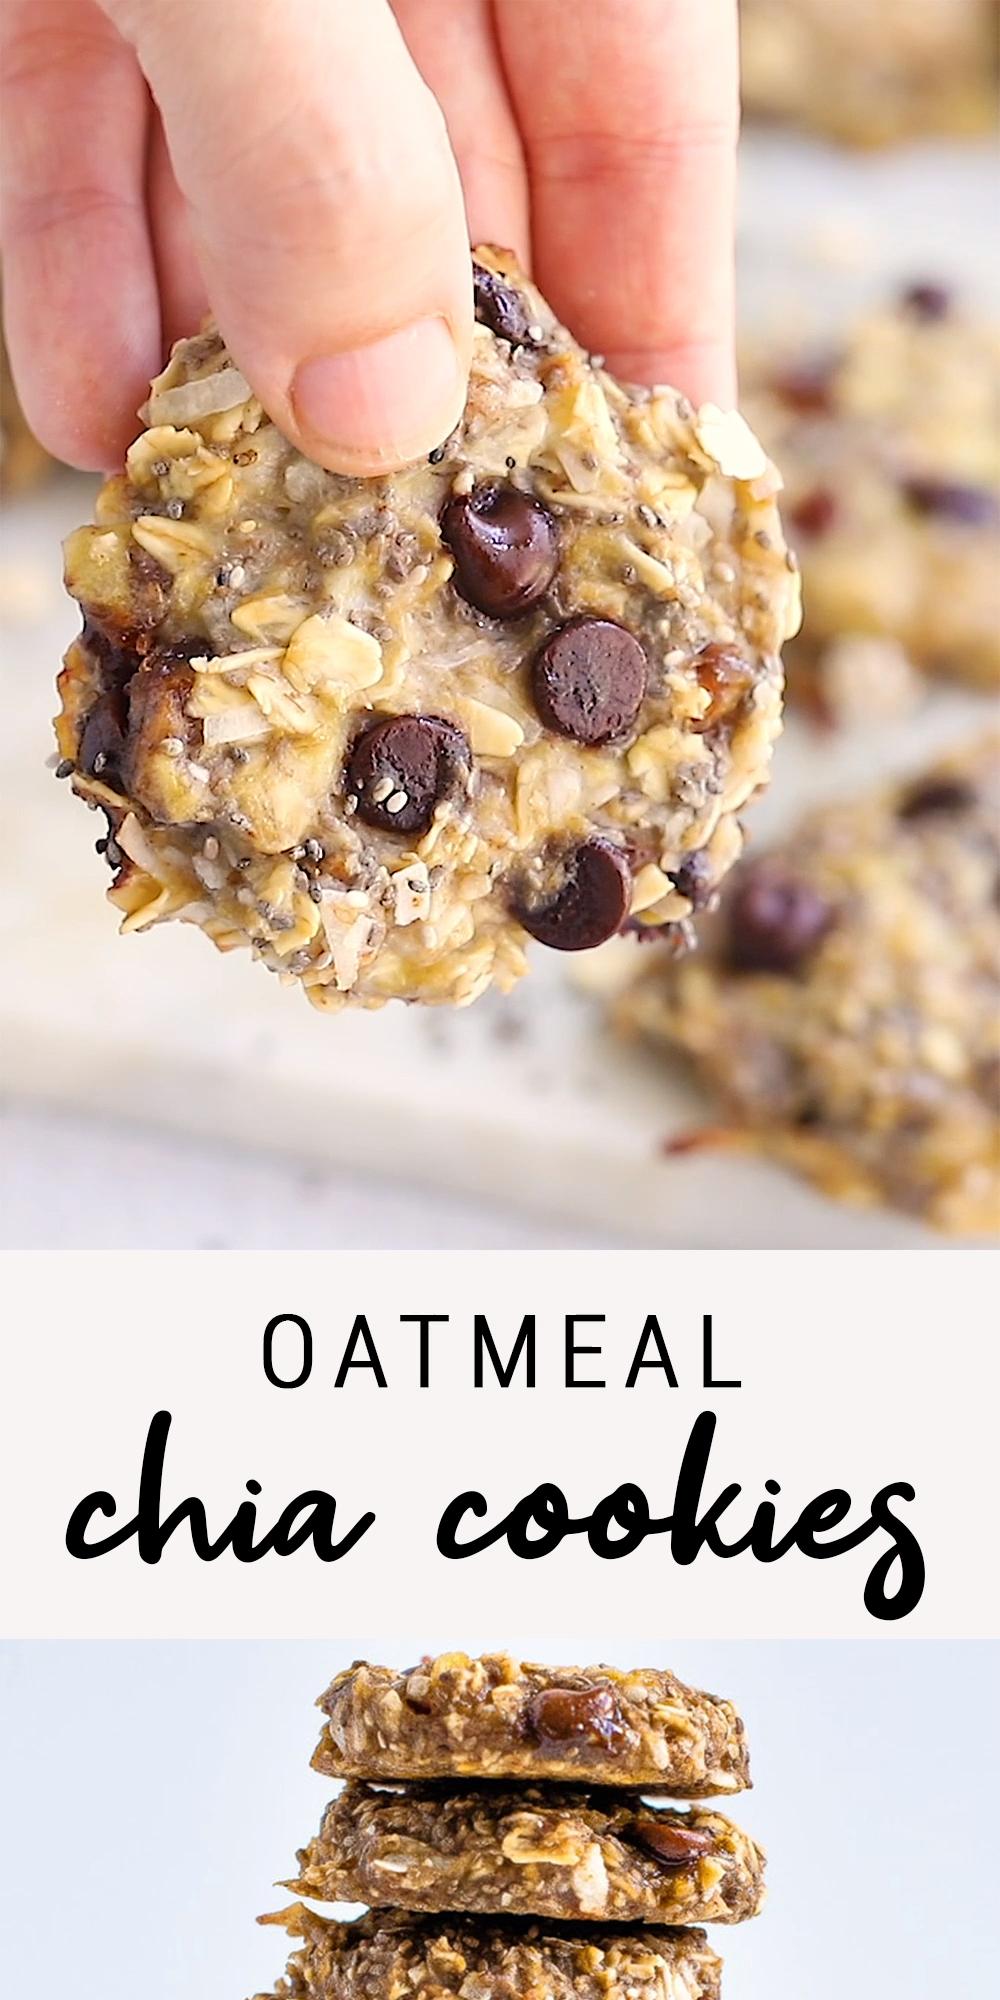 Oatmeal Chia Cookies #healthysnacks